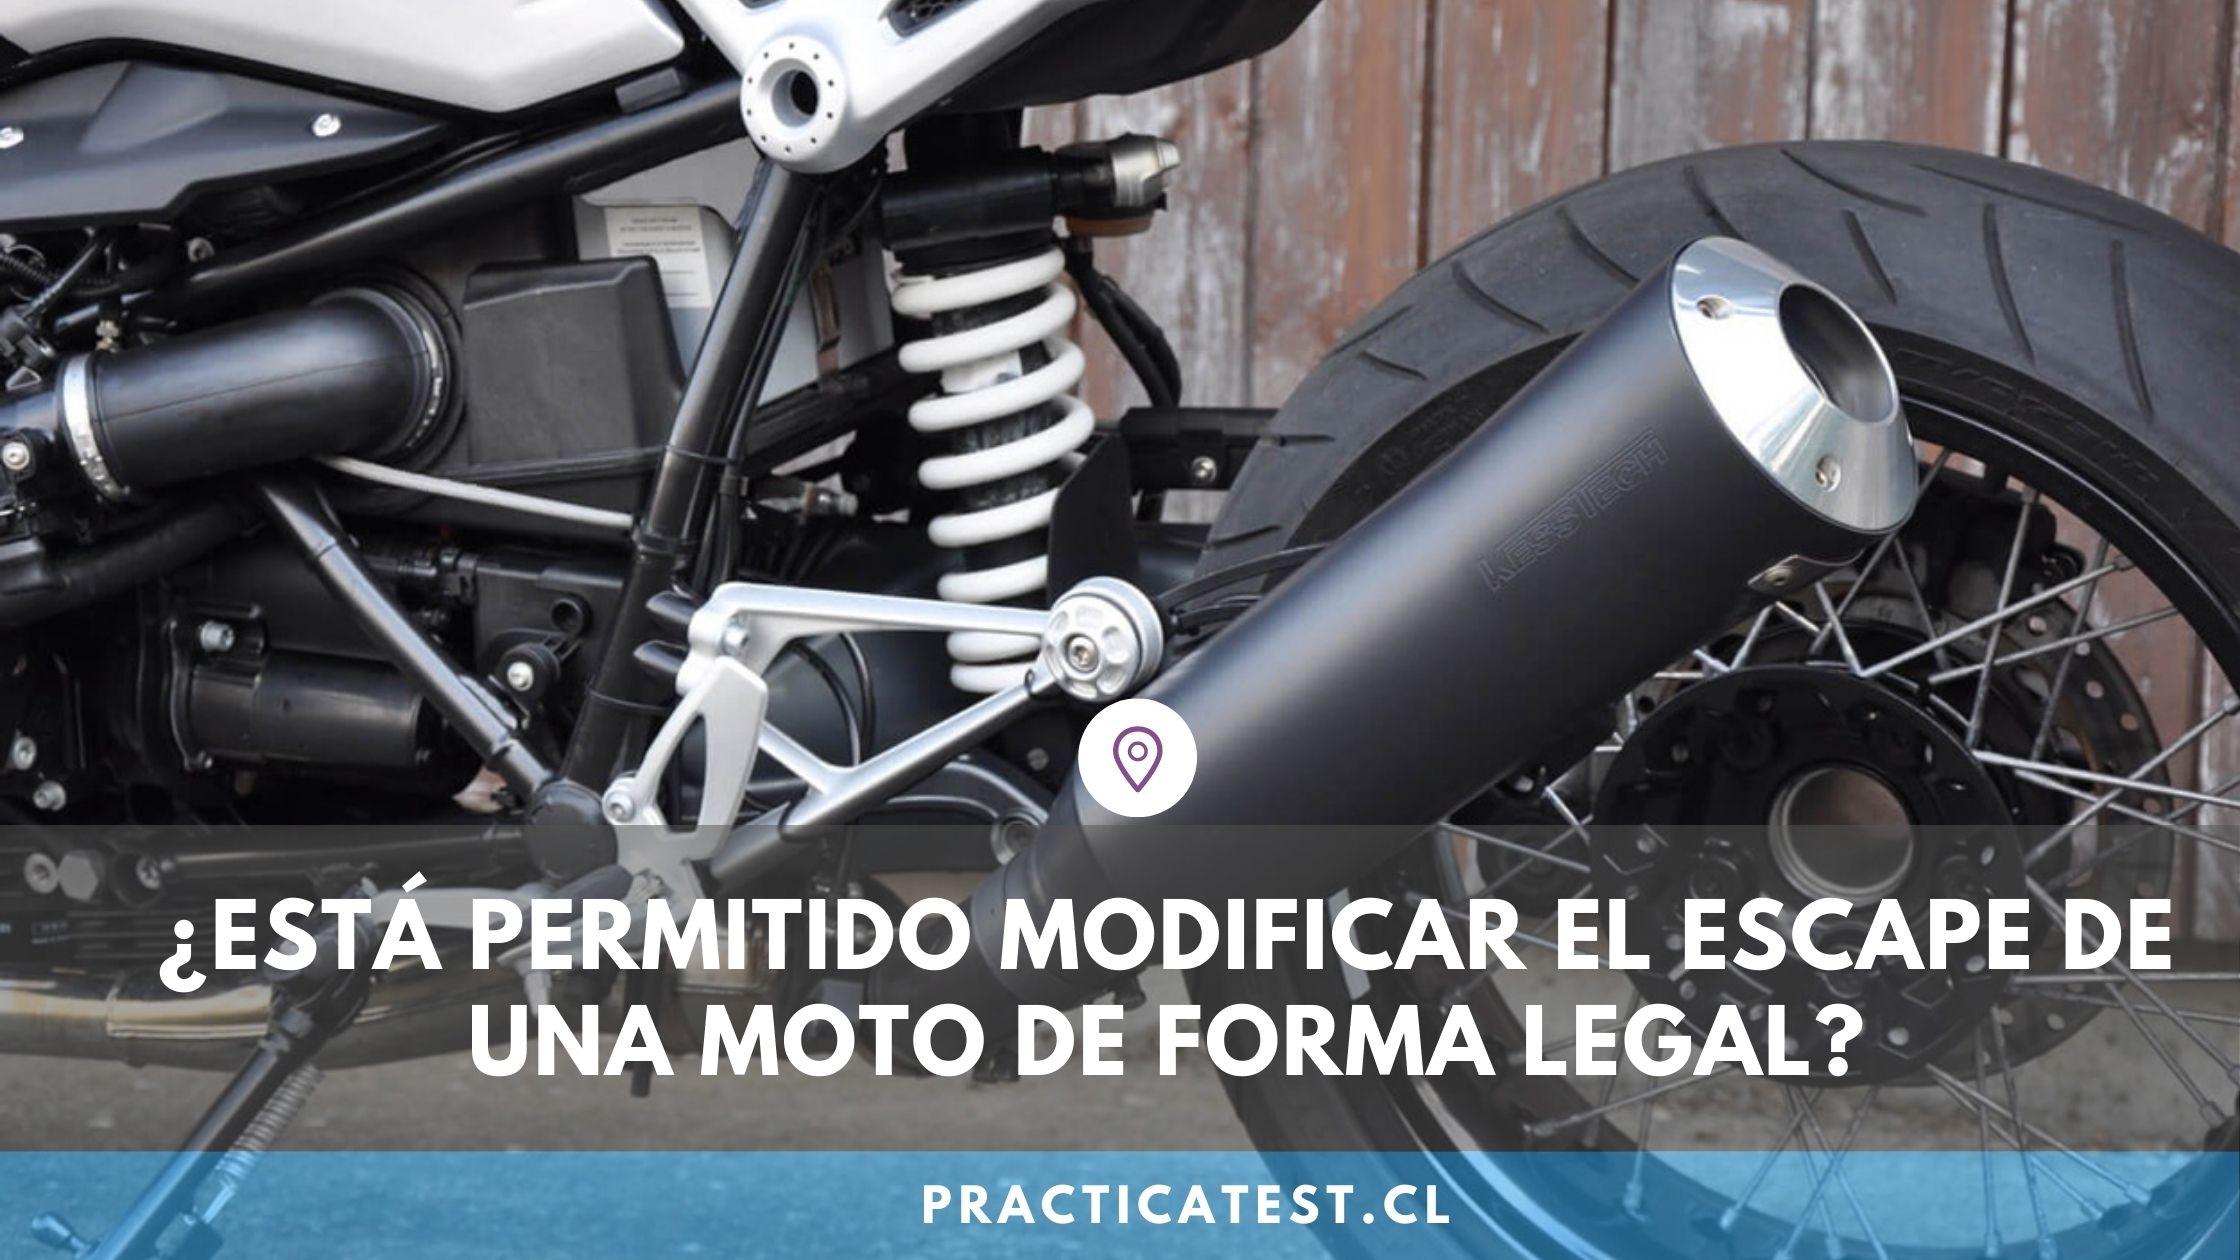 Multas y sanciones por circular con el escape libre en una motocicleta en Chile